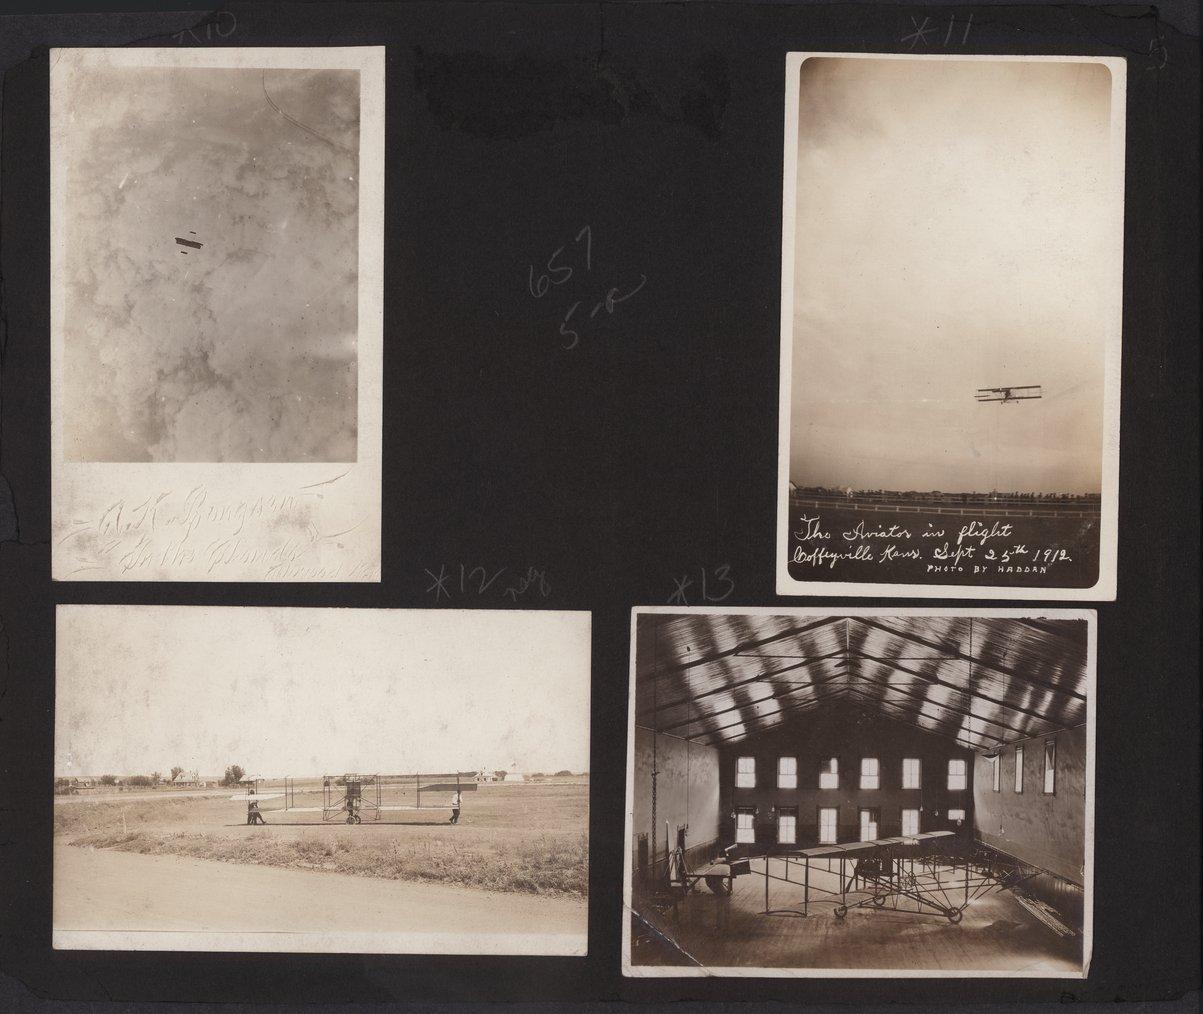 Albin Kasper Longren's photograph album - 5